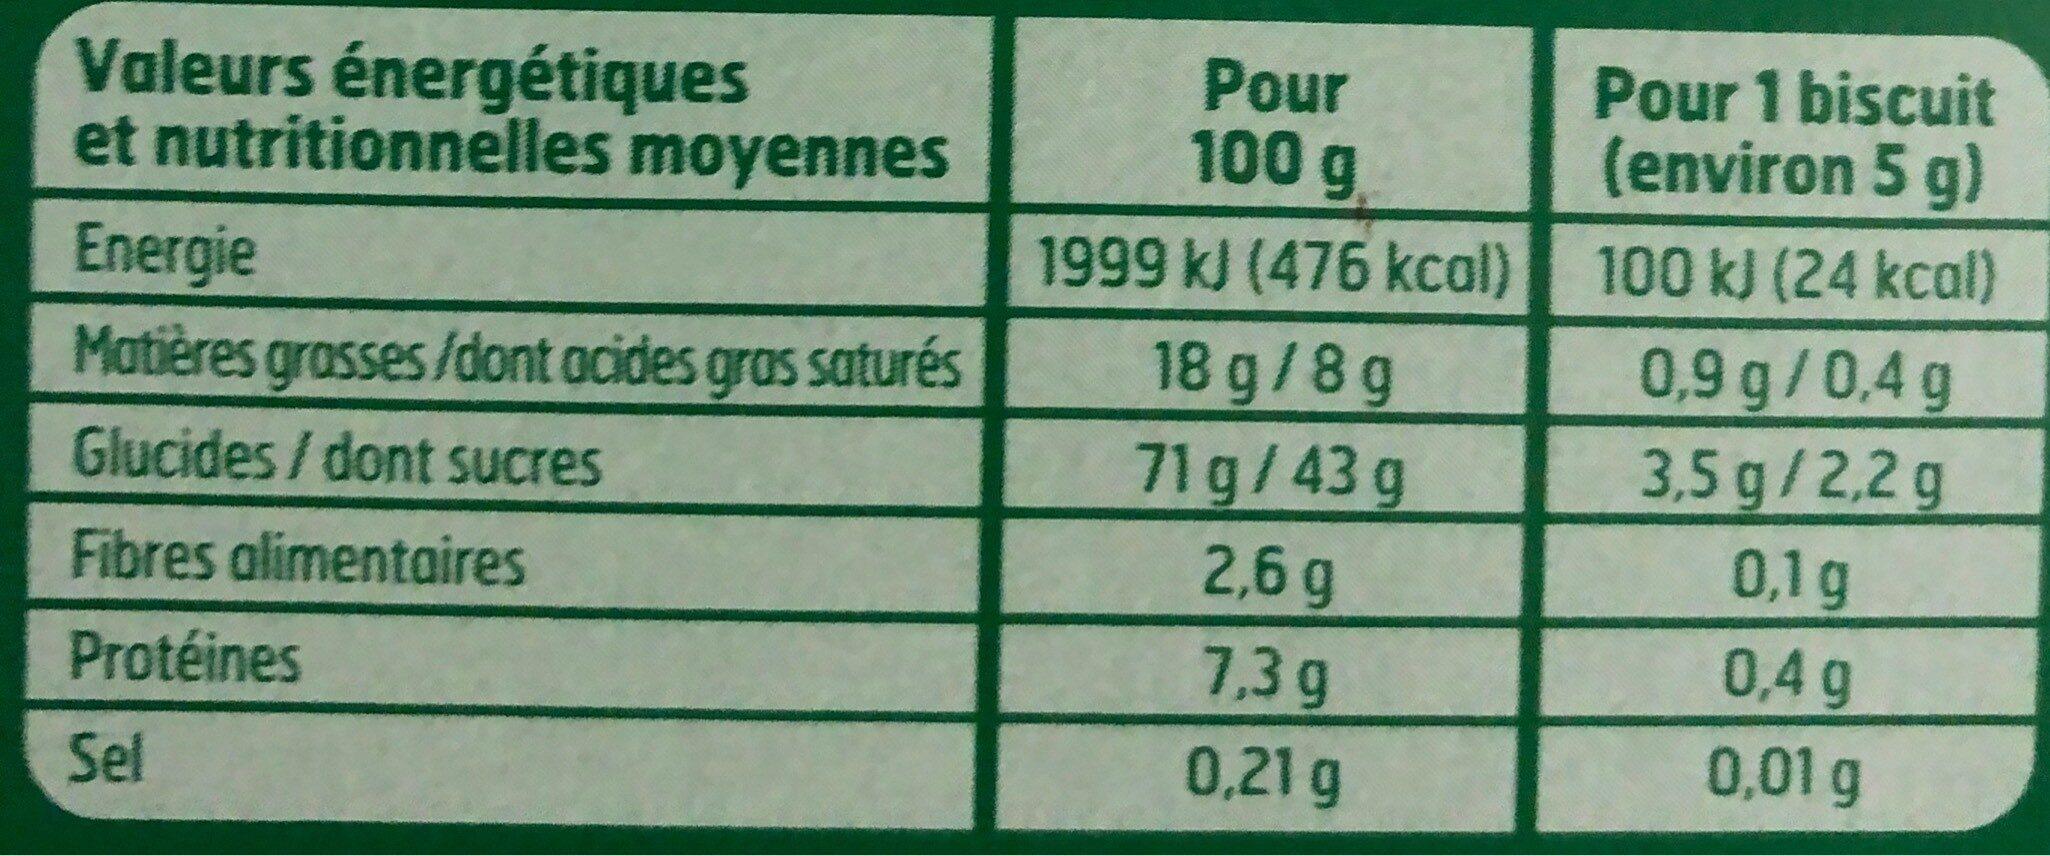 Etui Tuiles Aux Amandes 100G Belle France - Informations nutritionnelles - fr